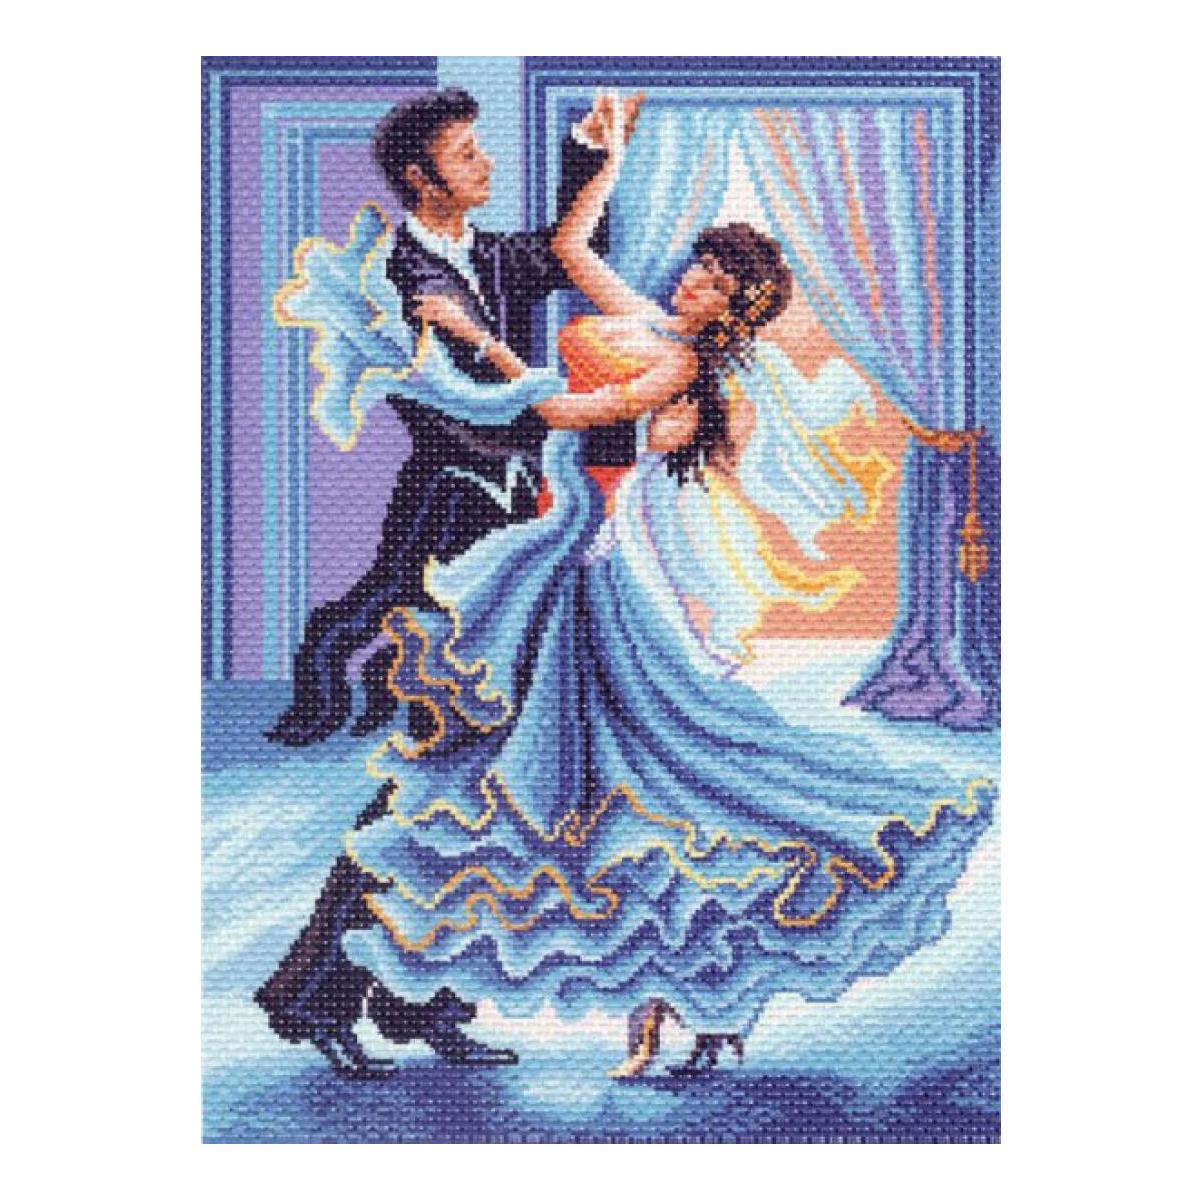 Канва с рисунком Матренин Посад Танец, 33 см х 45 см. 1343549916Размер: 33x45 см Рисунок полностью напечатан на канве. Указана цветовая карта ниток. Вышивать рекомендуется мулине в 3 сложения.